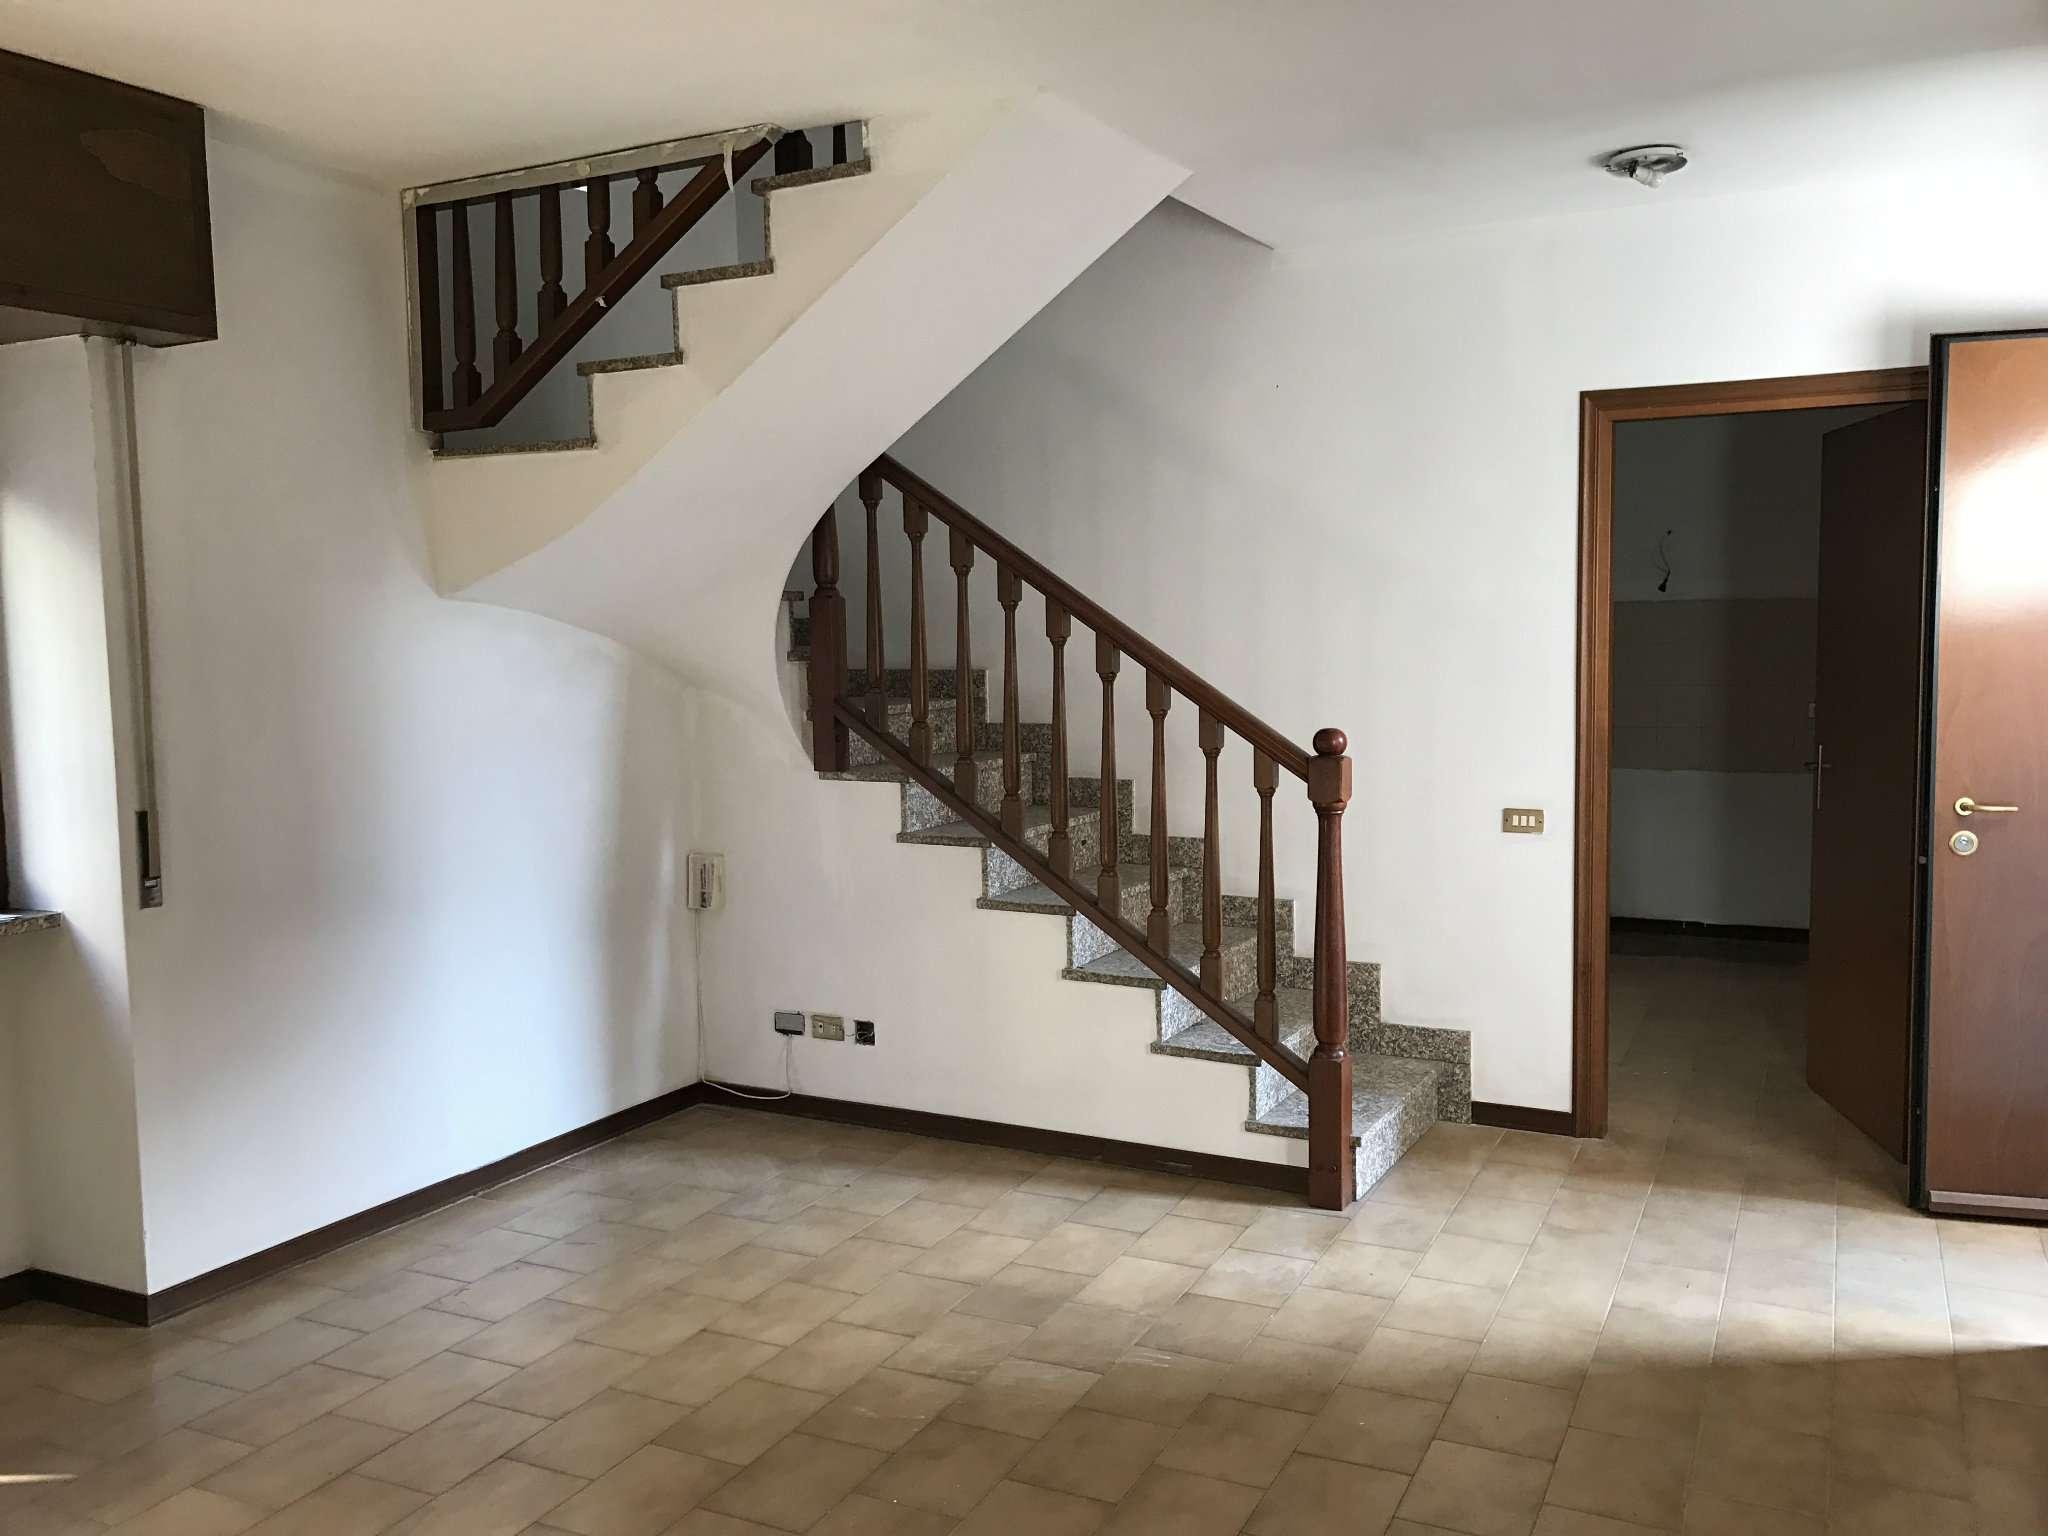 Soluzione Indipendente in vendita a Carnago, 4 locali, prezzo € 59.000 | Cambio Casa.it